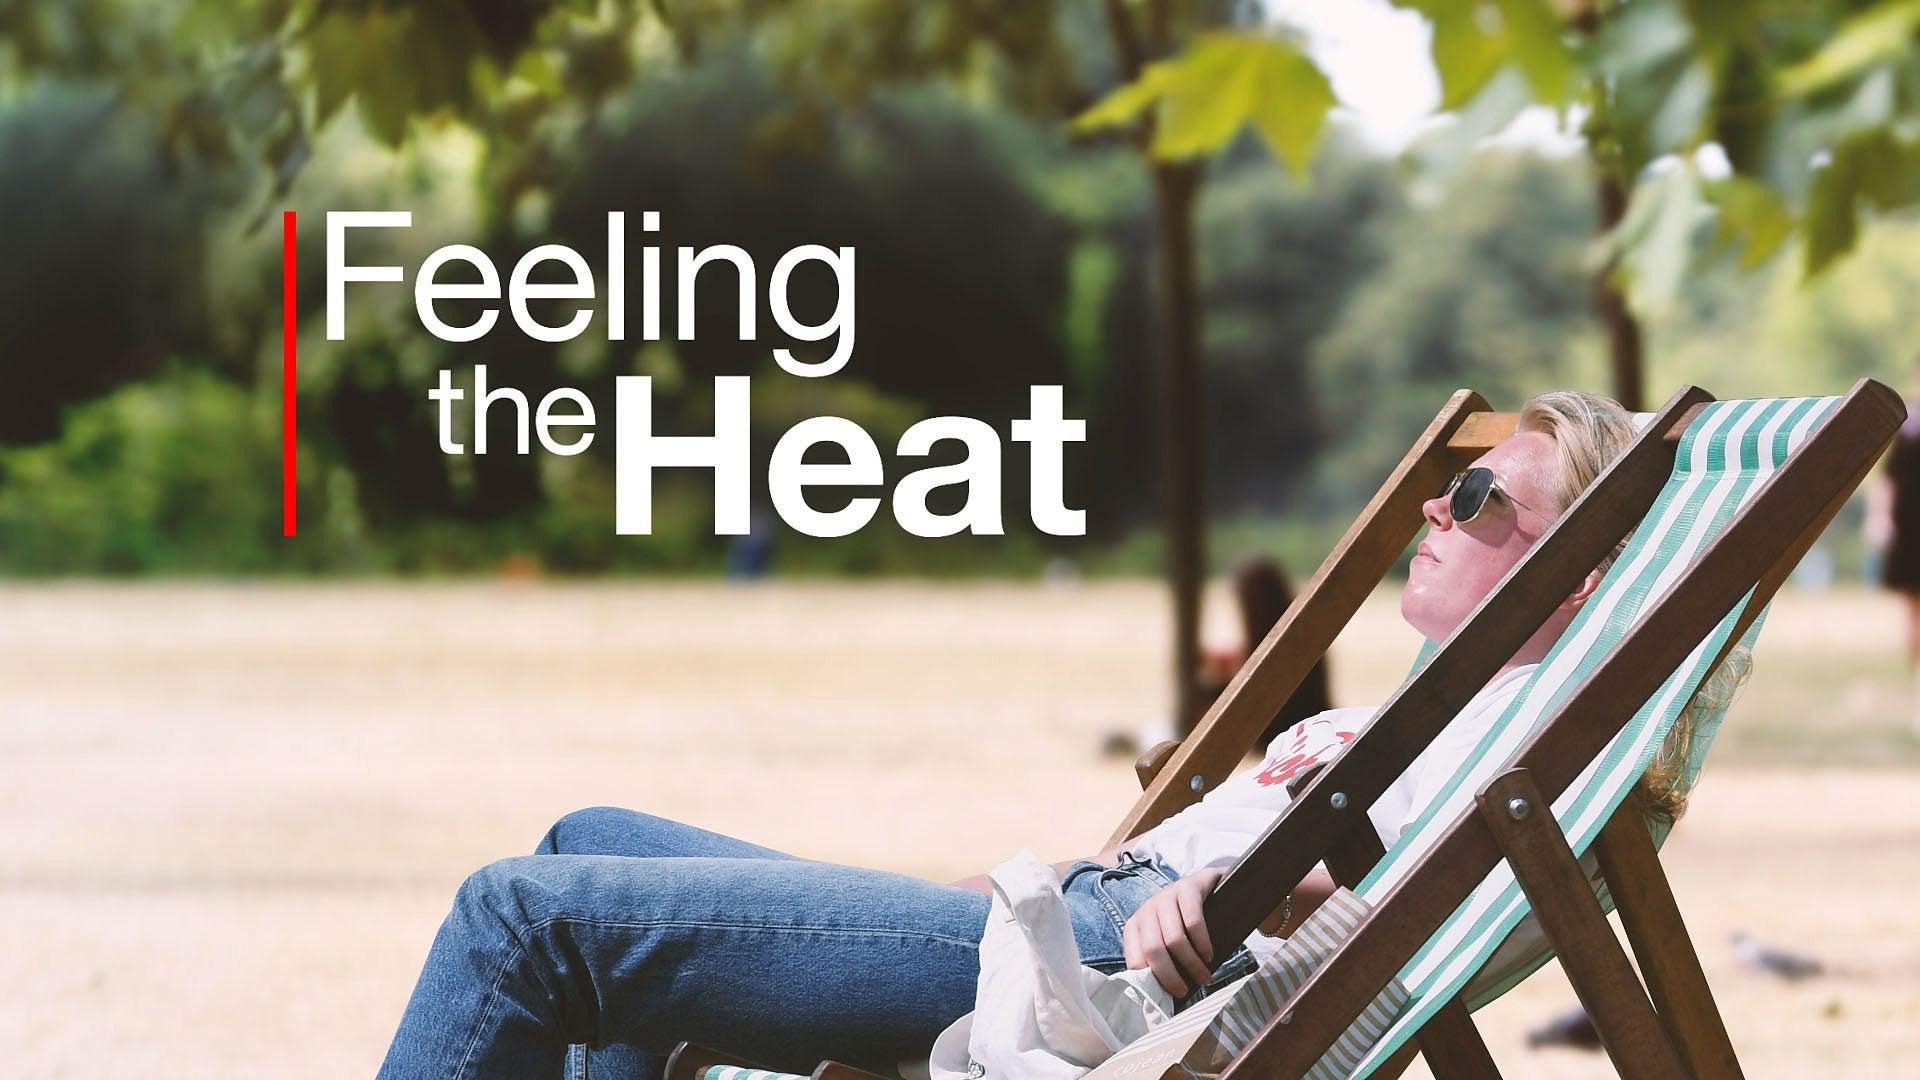 Feeling the Heat